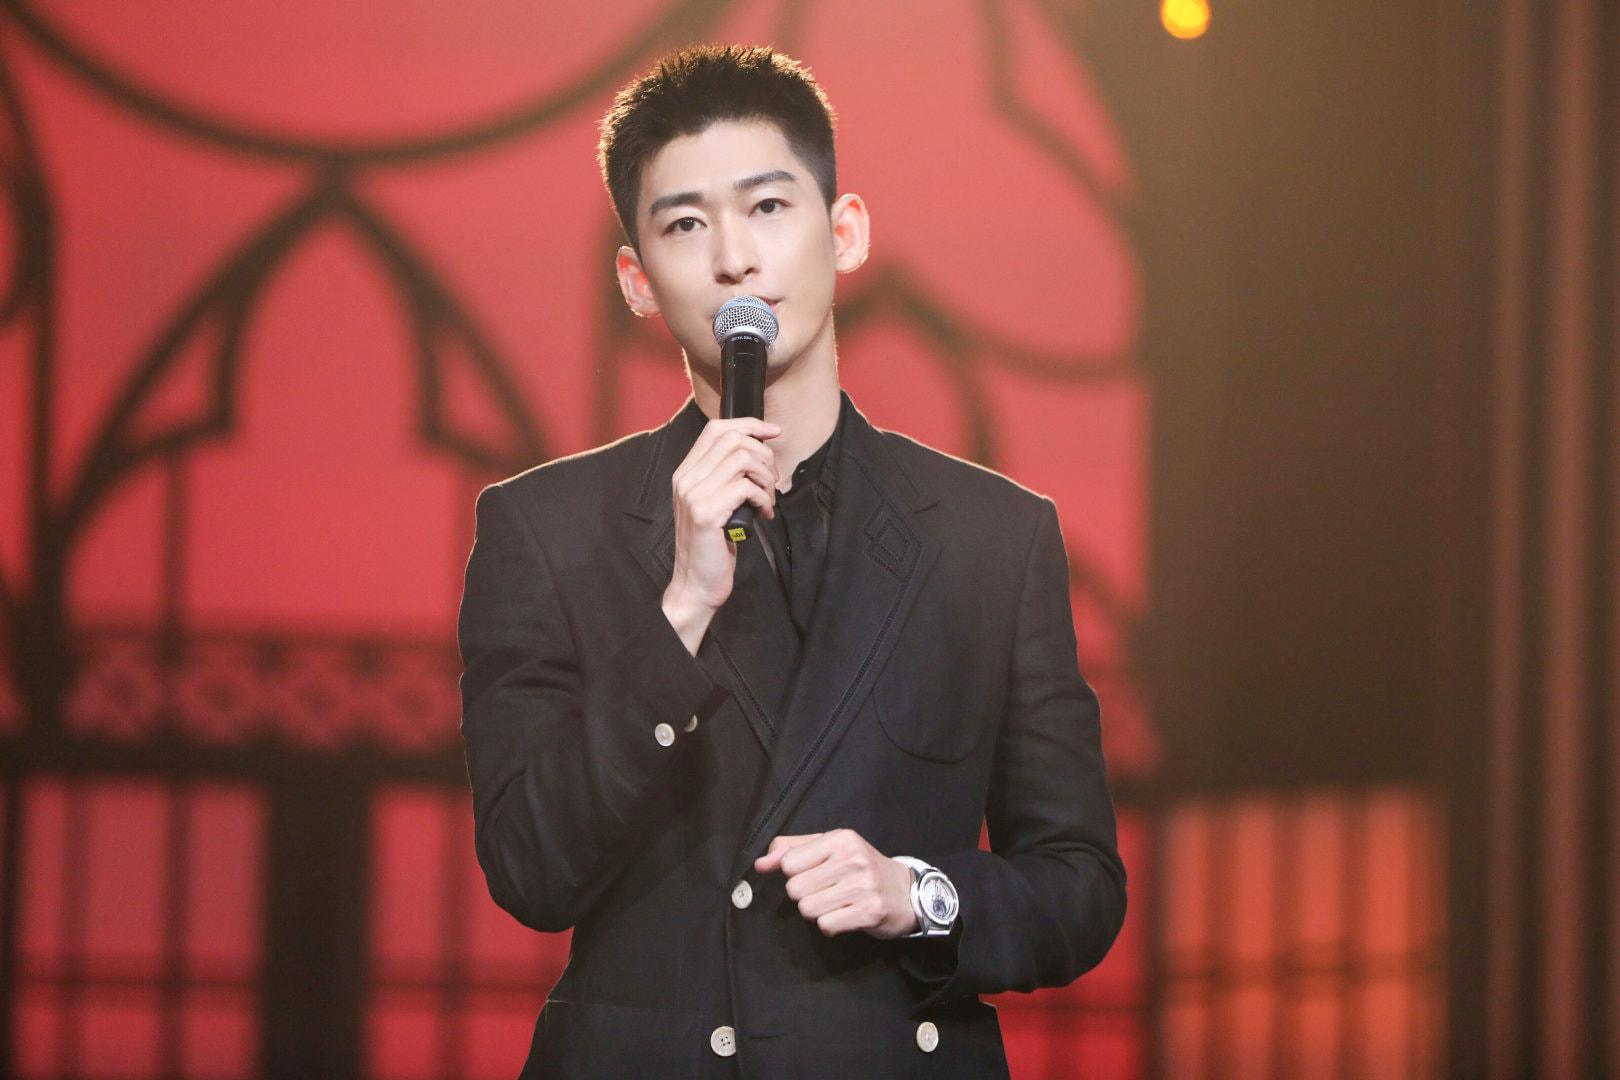 Trương Hàn tiết lộ hơn 3 năm không đóng cảnh hôn vì bạn gái, netizen cà khịa có phim đâu mà hôn - Ảnh 1.